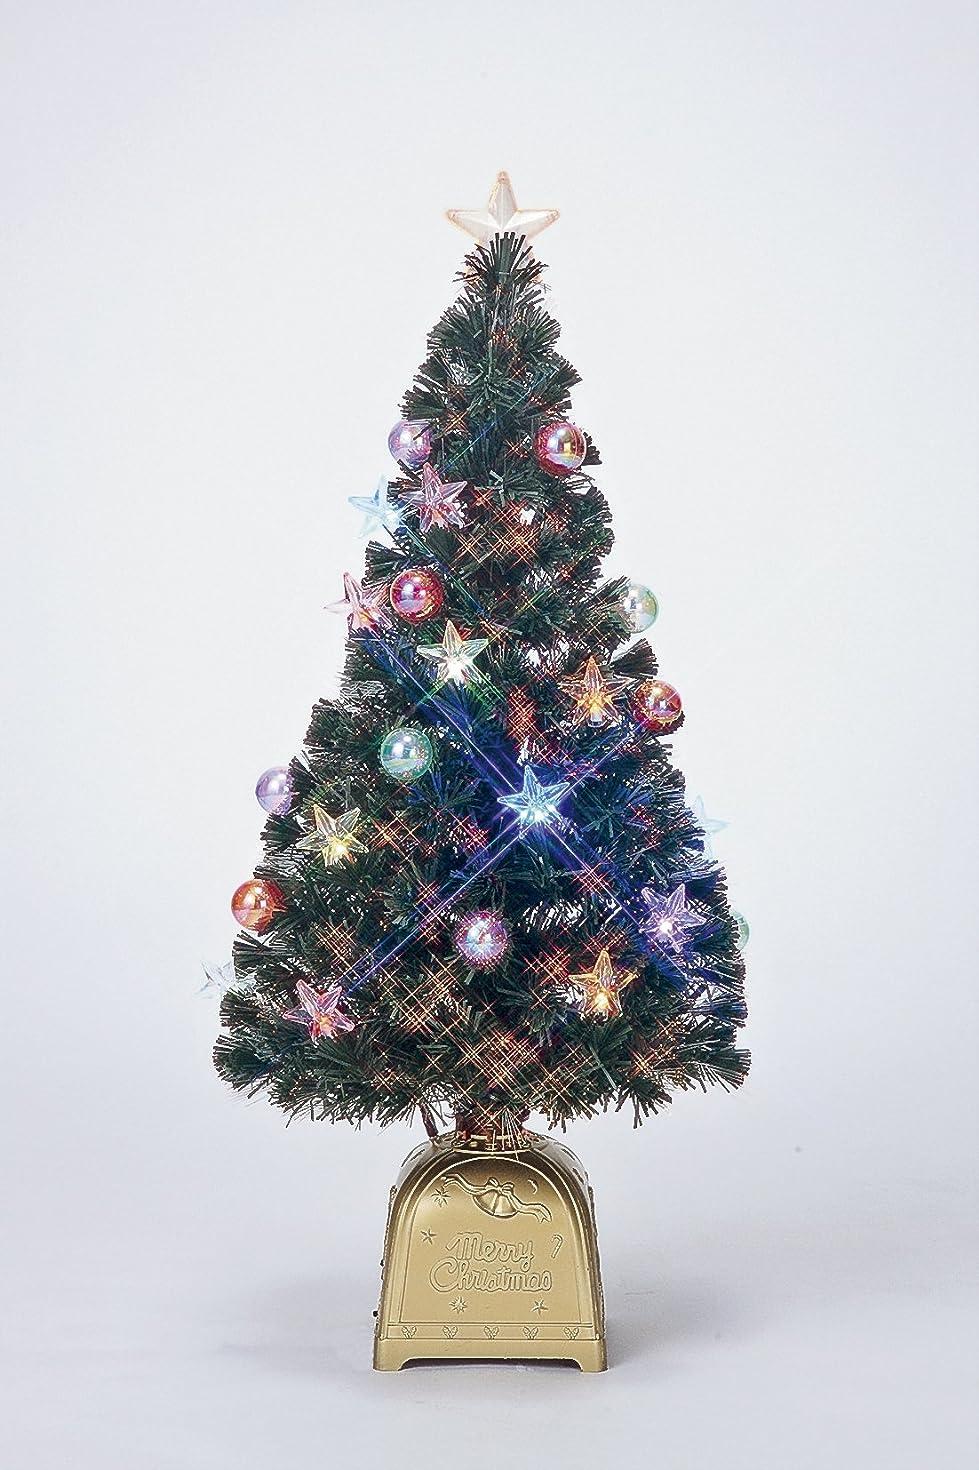 報酬手荷物広告主フローレックス(FLOREX) クリスマスツリー ファンタジーボール ニュークリスタルスター グリーンファイバーツリー 高さ90cm FX-5262